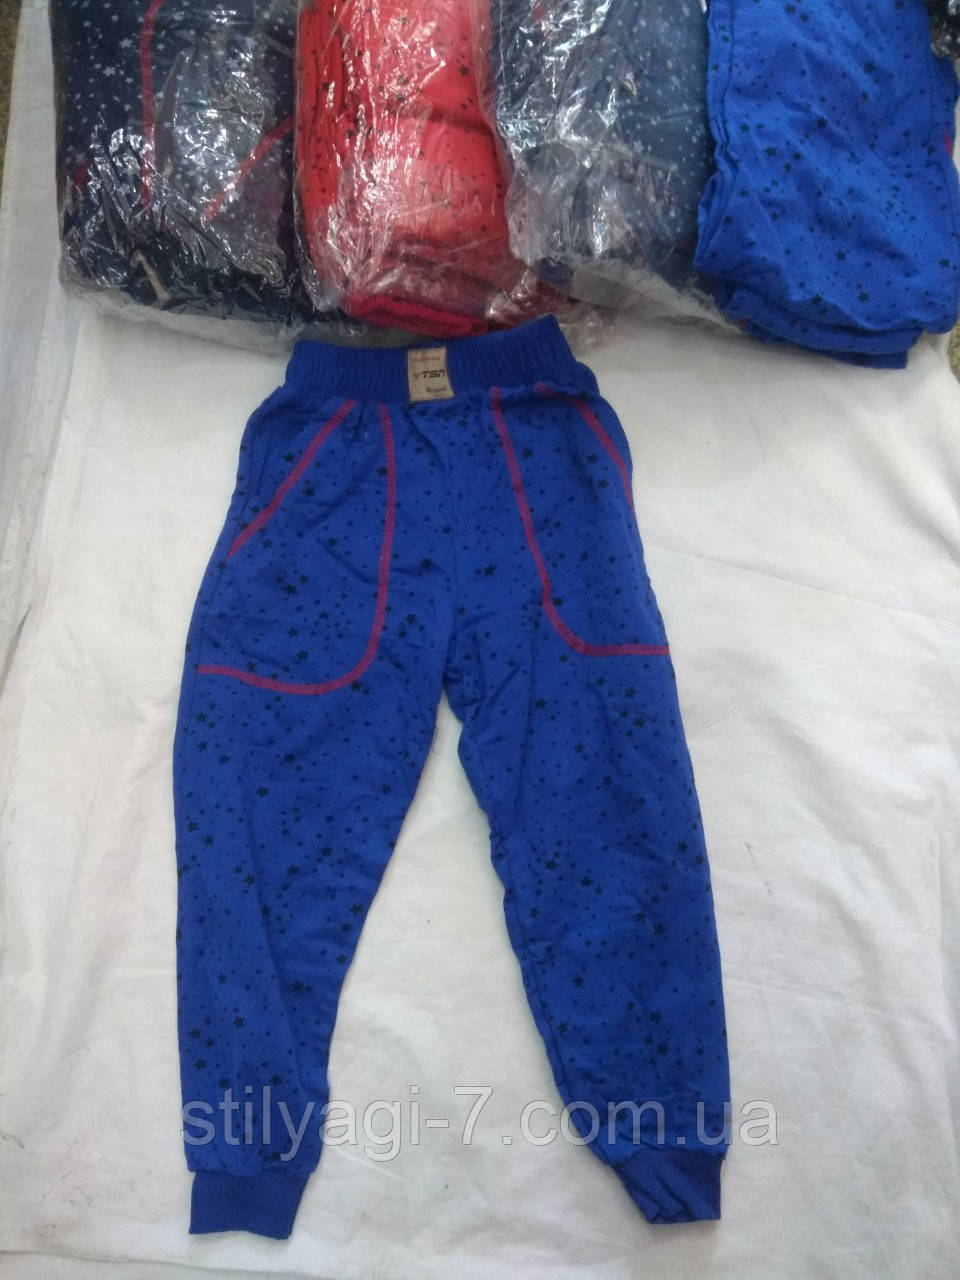 Спортивные штаны для мальчика на 3-11 лет серого, красного, синего цвета оптом